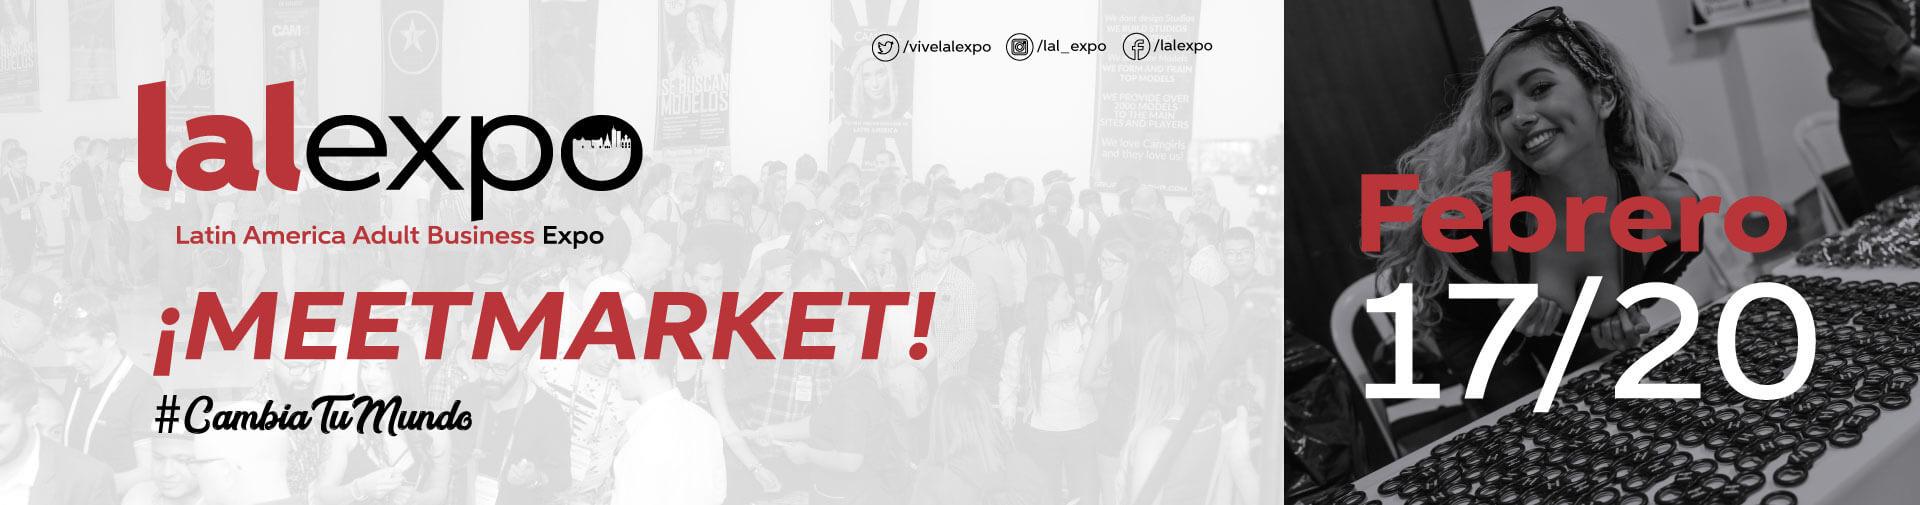 Banner_lalexpo_meetmarket-2020